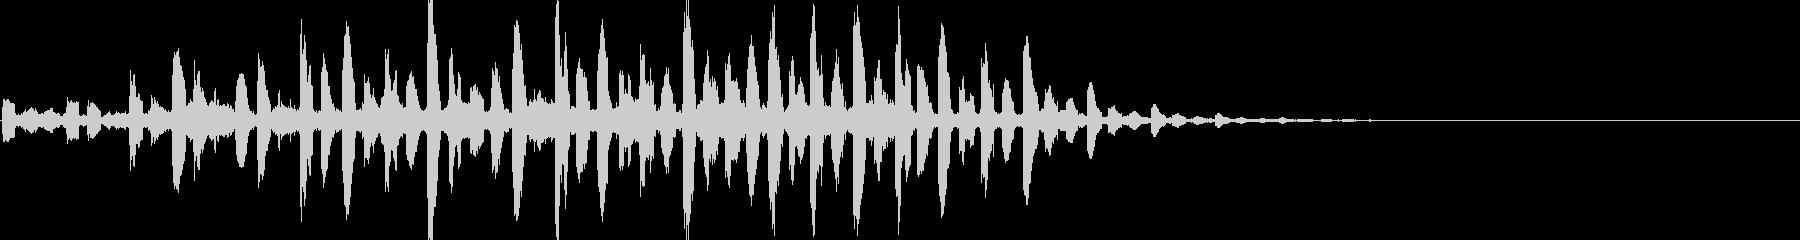 キラキラシンセアンビエント系サウンドロゴの未再生の波形